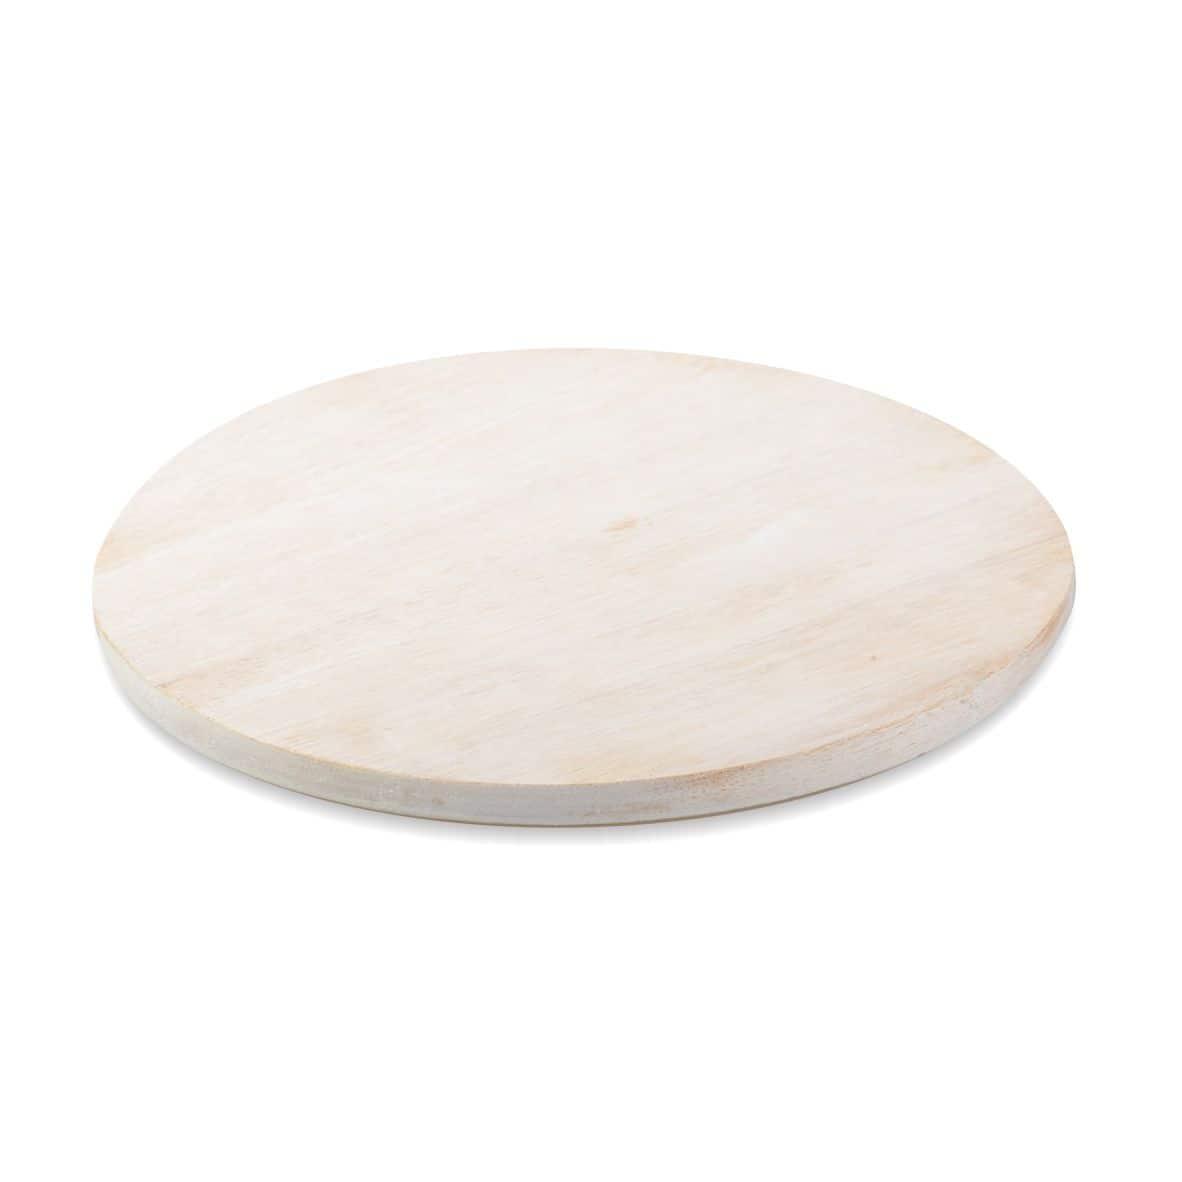 Kerzenteller Holz 140 mm, natur